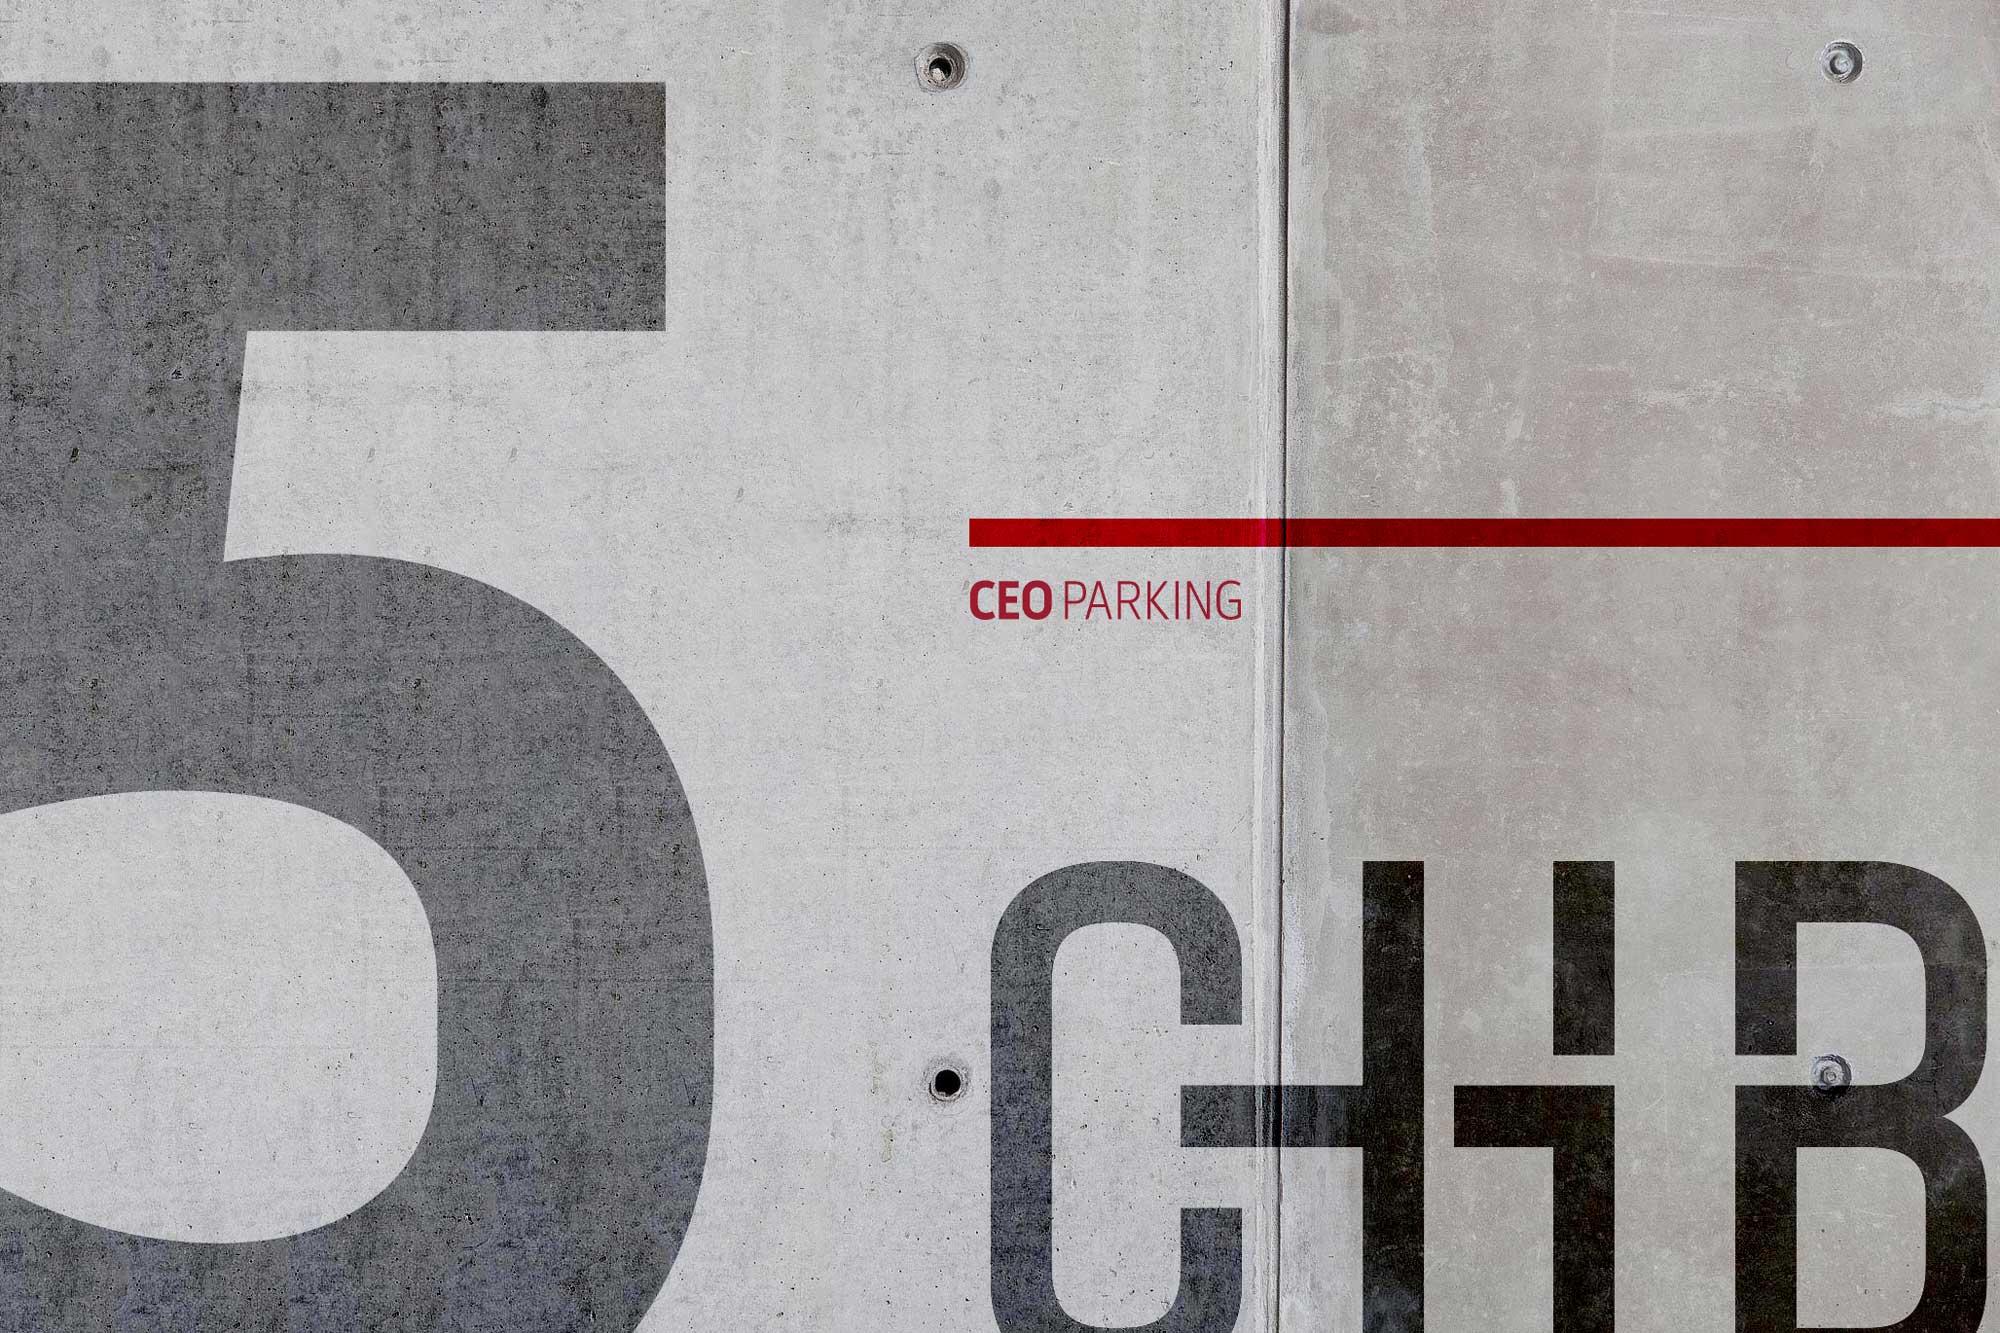 Chbib-Environment-08